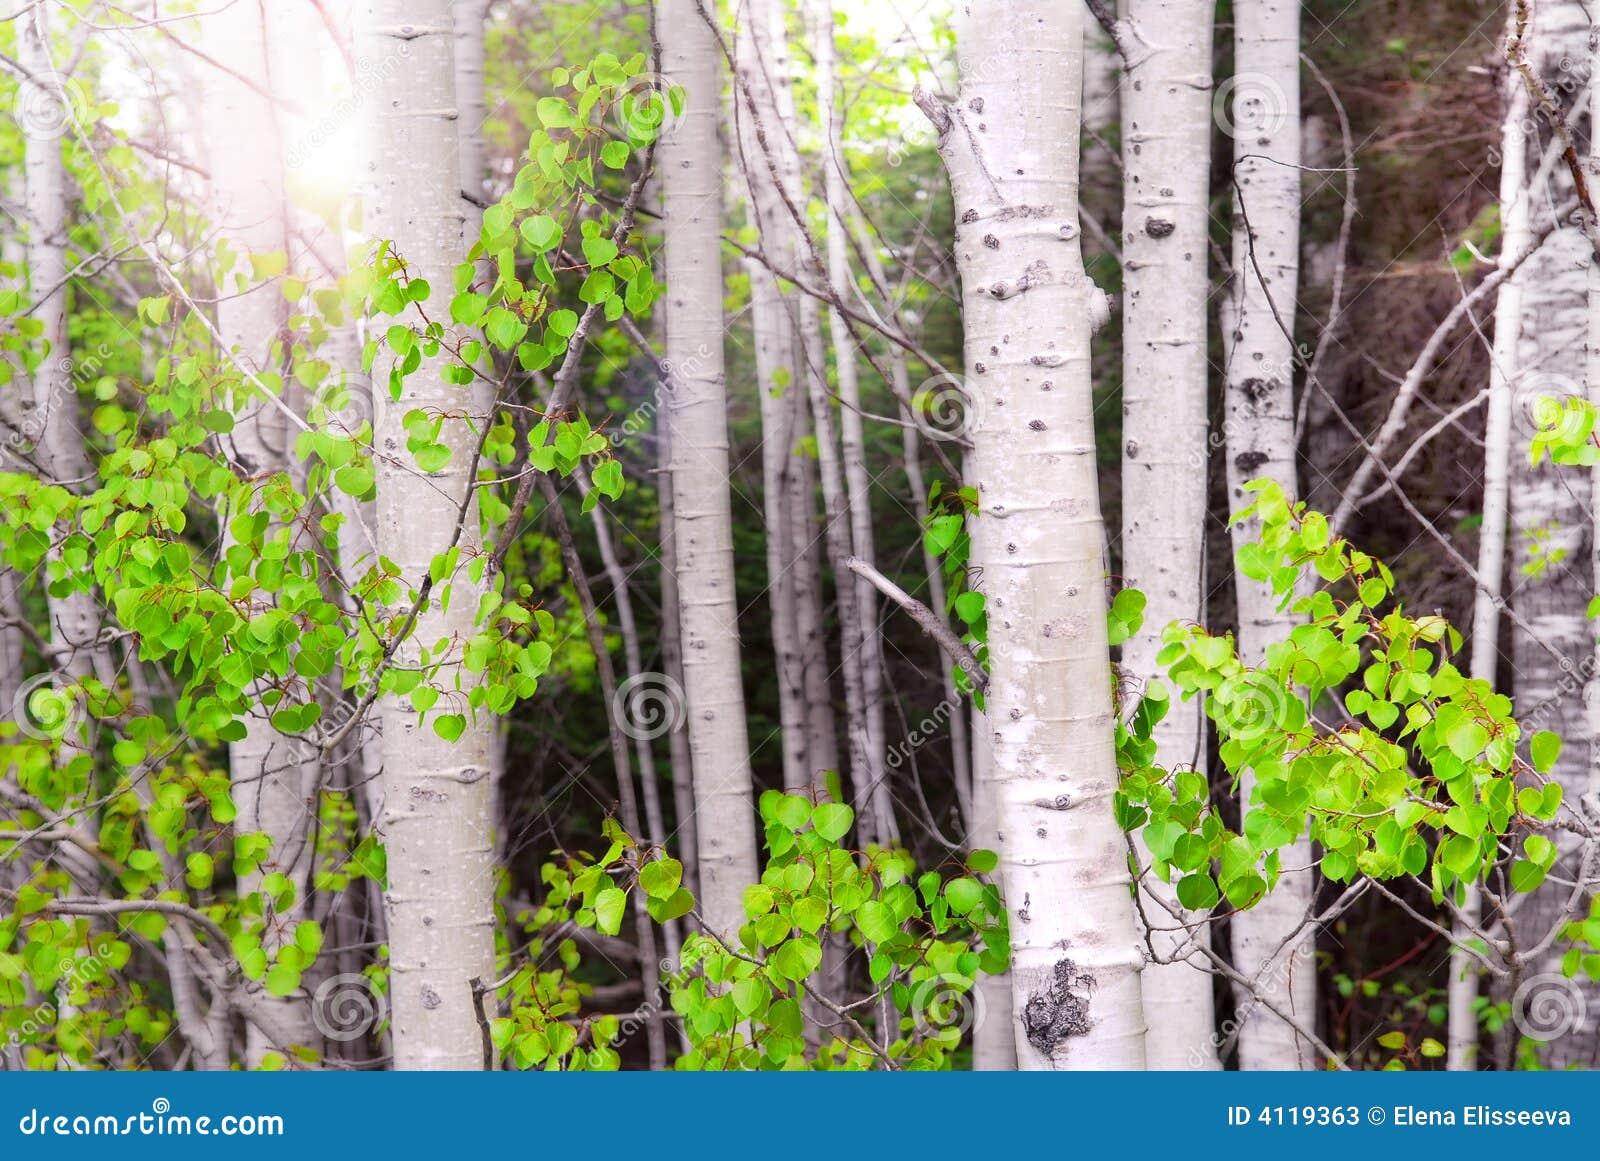 白杨木树丛